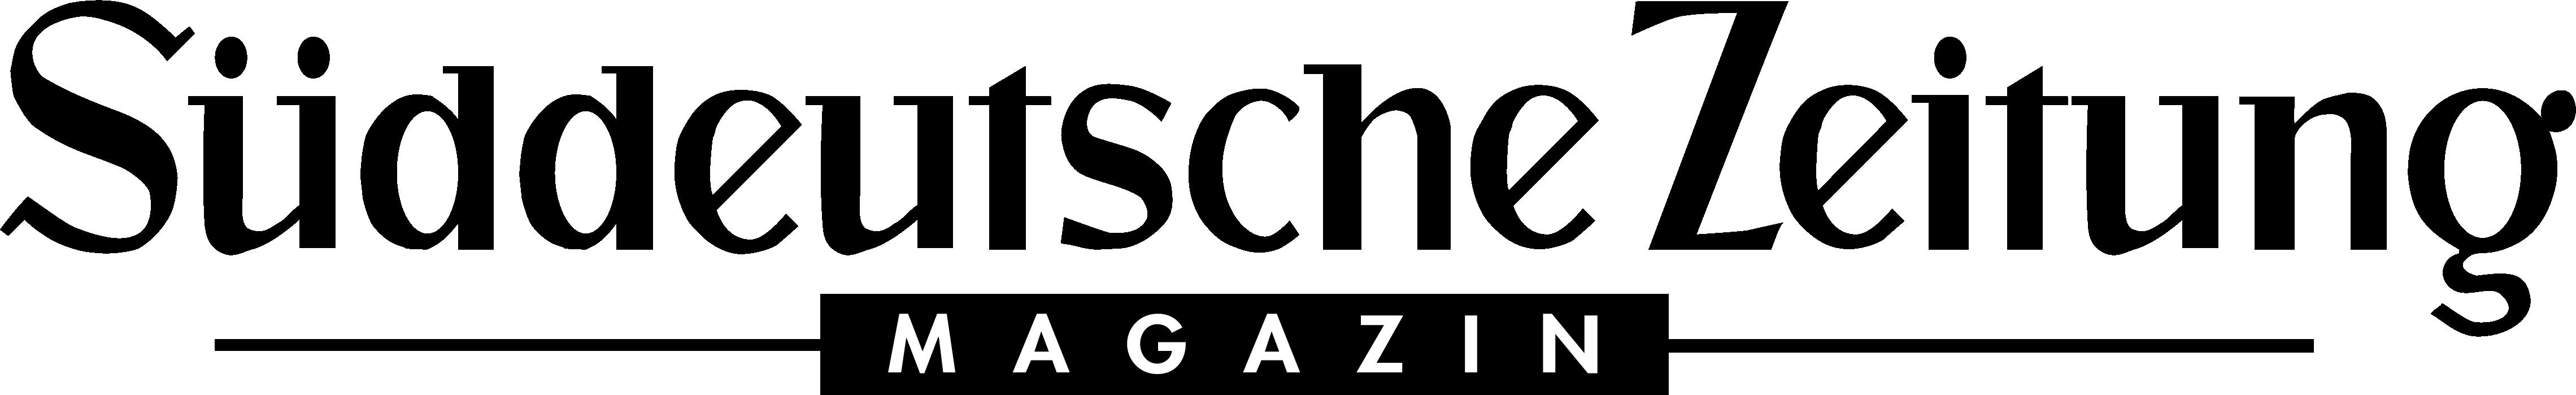 Süddeutsche Zeitung Magazin Logo